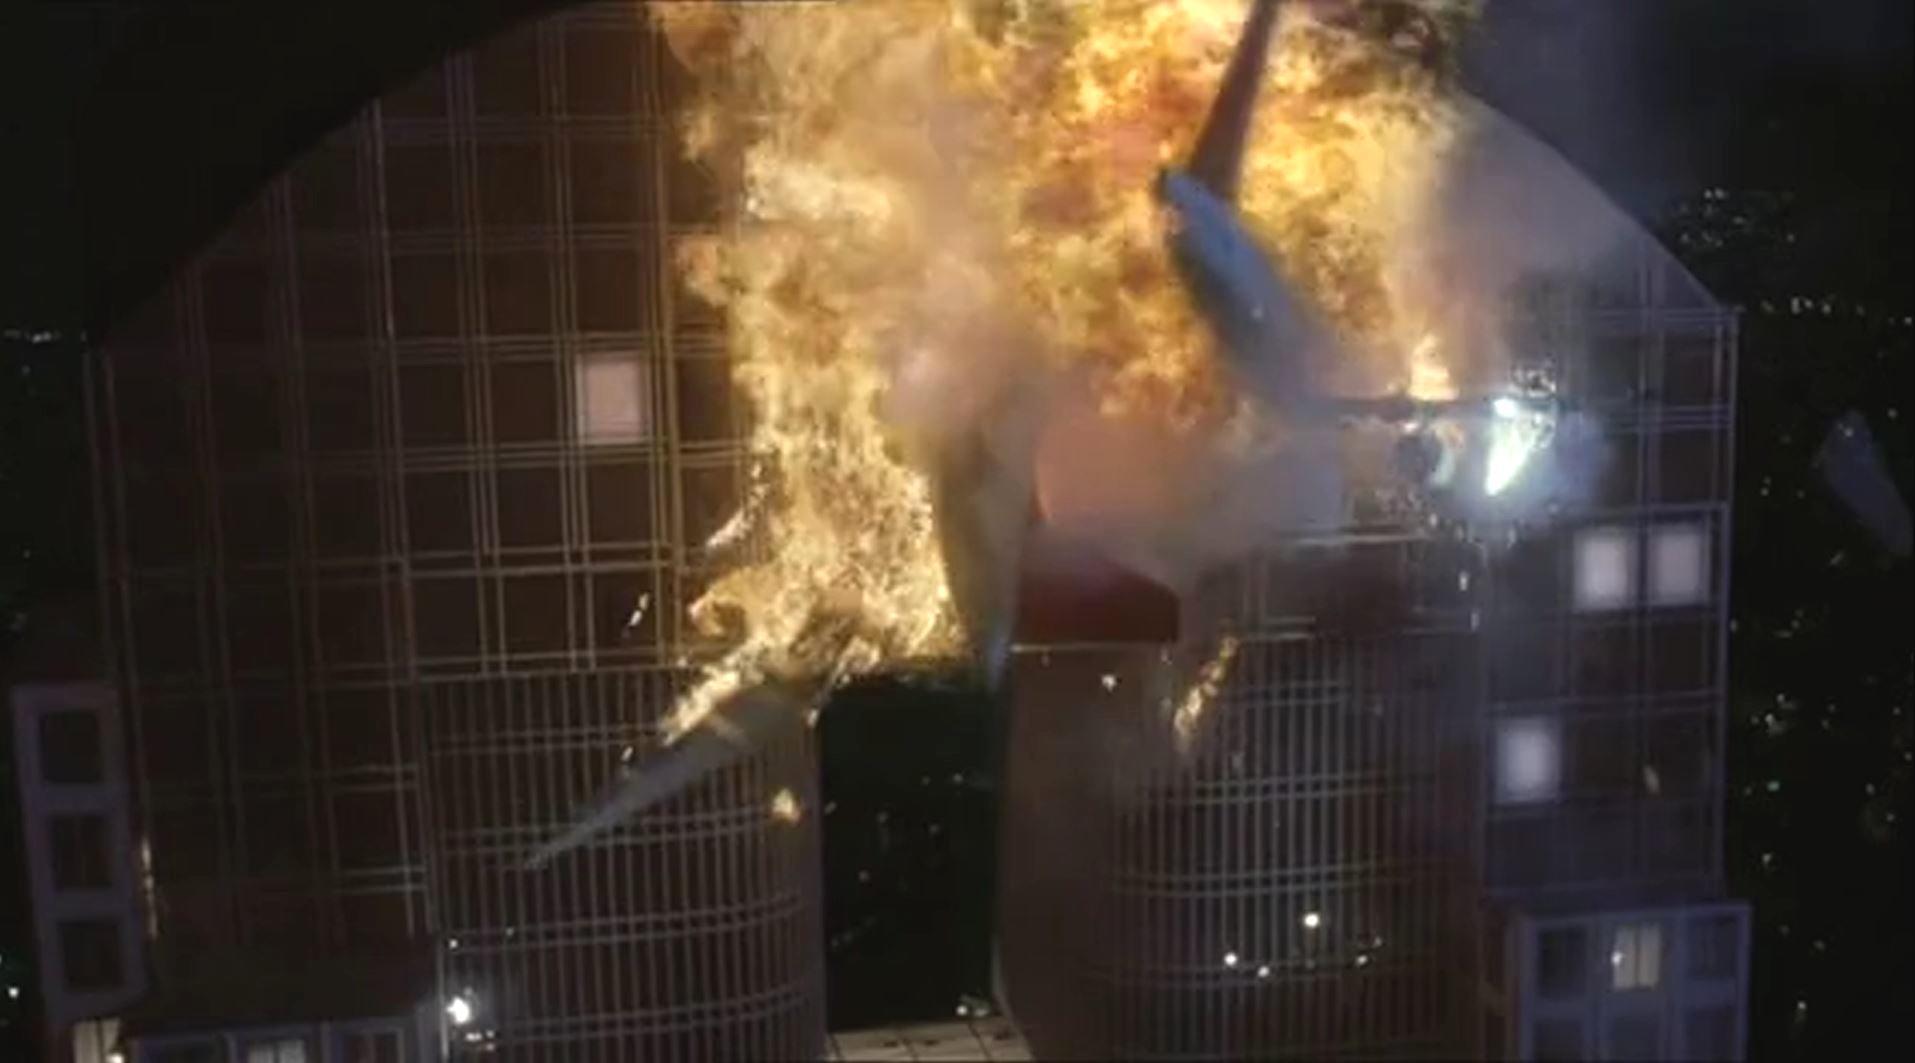 Katastrophenfilm Air Panic (engl. Titel Panic) wurde 2001 abgedreht. In diesem Film kracht ein ferngesteuertes Passagierflugzeug in ein Hochhaus. Im Gegensatz zum unrealistischen völligen Eintauchen der Flugzeuge bei 911 zerschellt bei Air Panic die hintere Hälfte des Flugzeuges an der Außenwand des Gebäudes und fällt zu Boden.